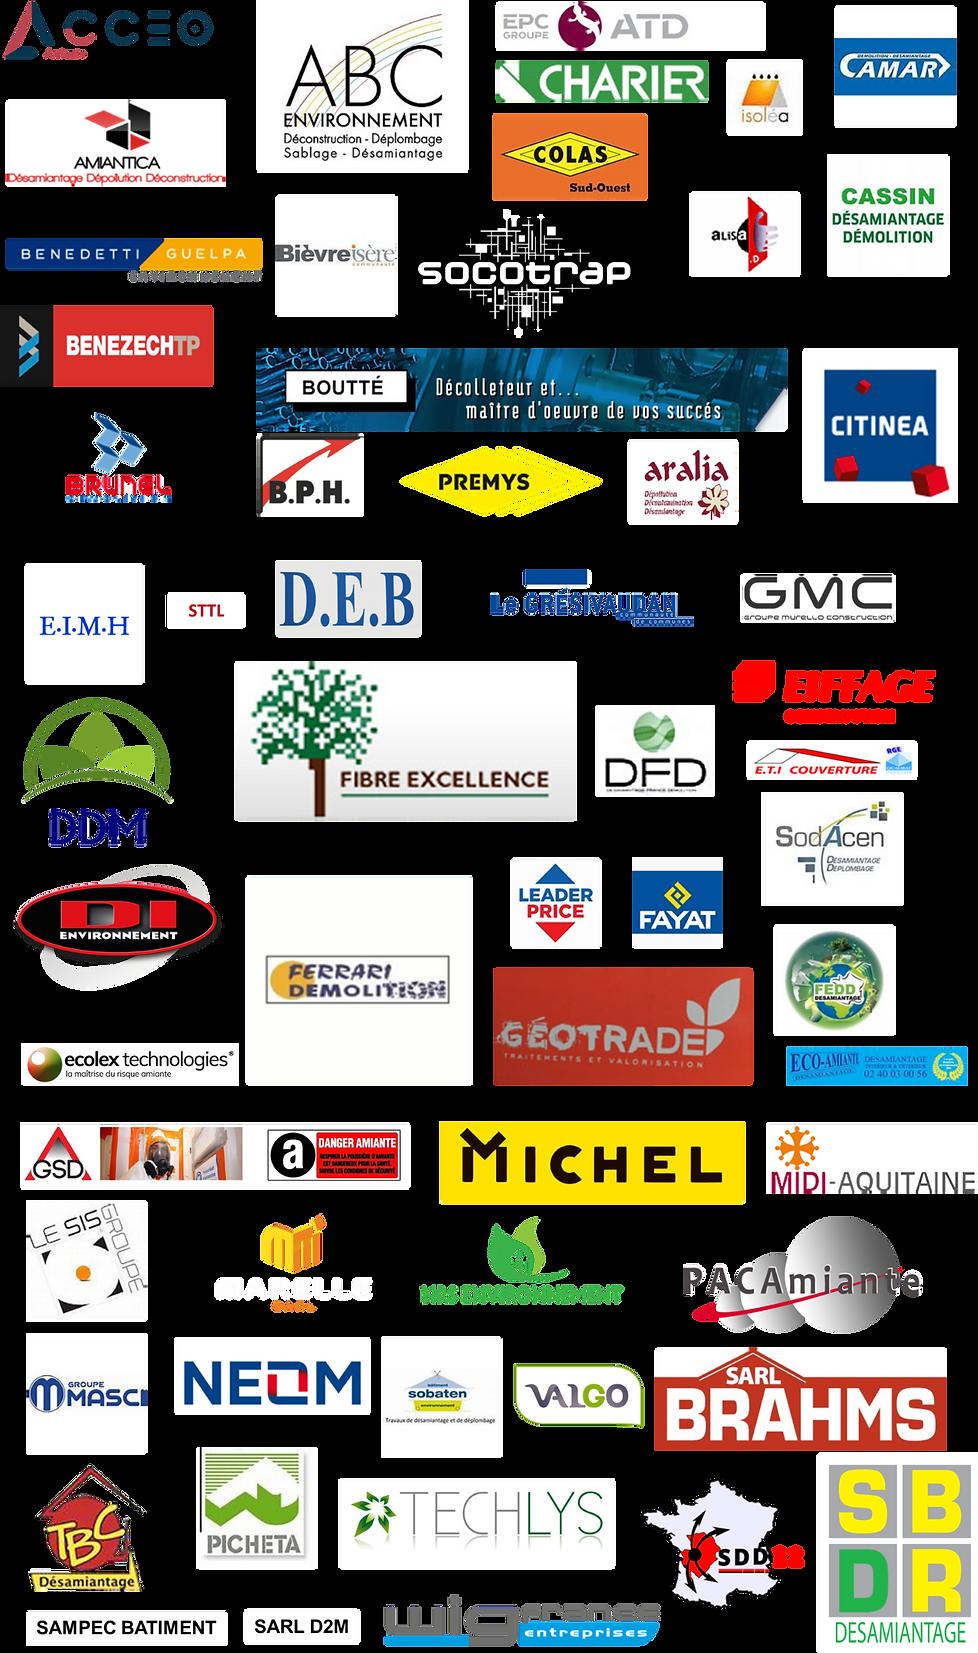 Liste Clients.png